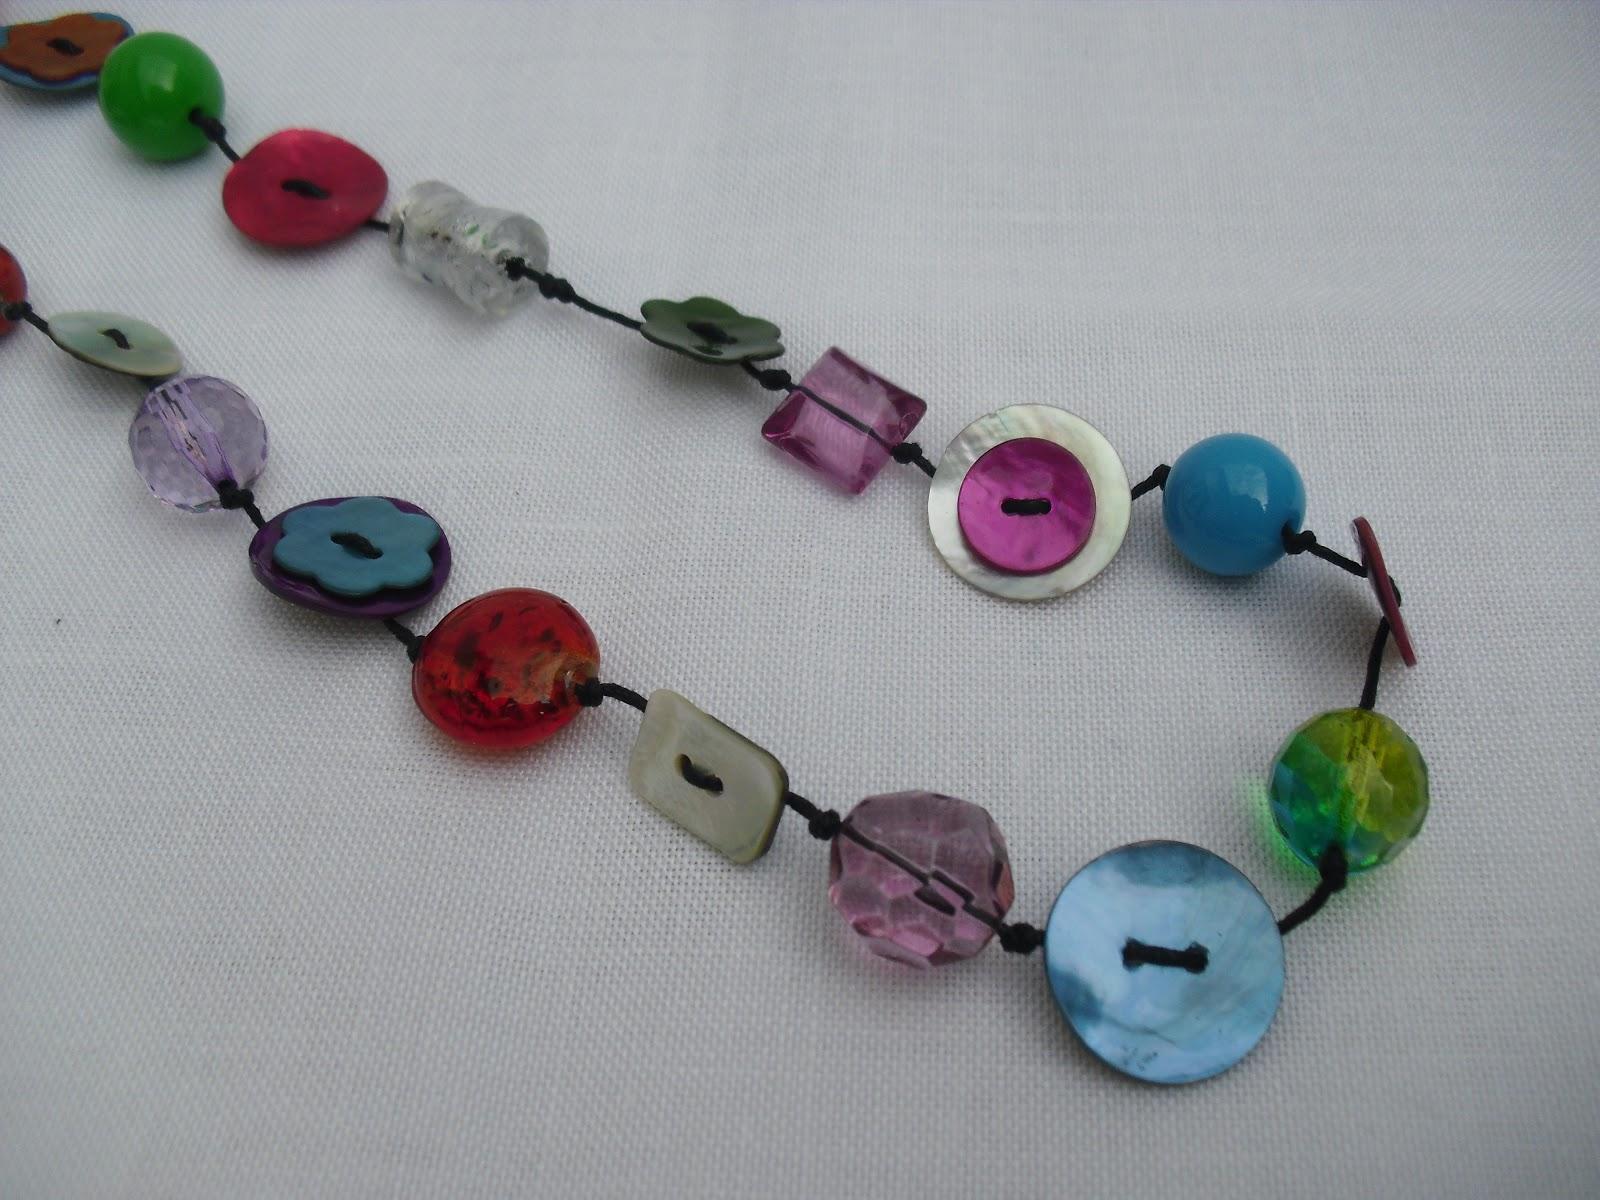 Popolare dituttounpobytitti: collana con bottoni e pietre colorate BT24